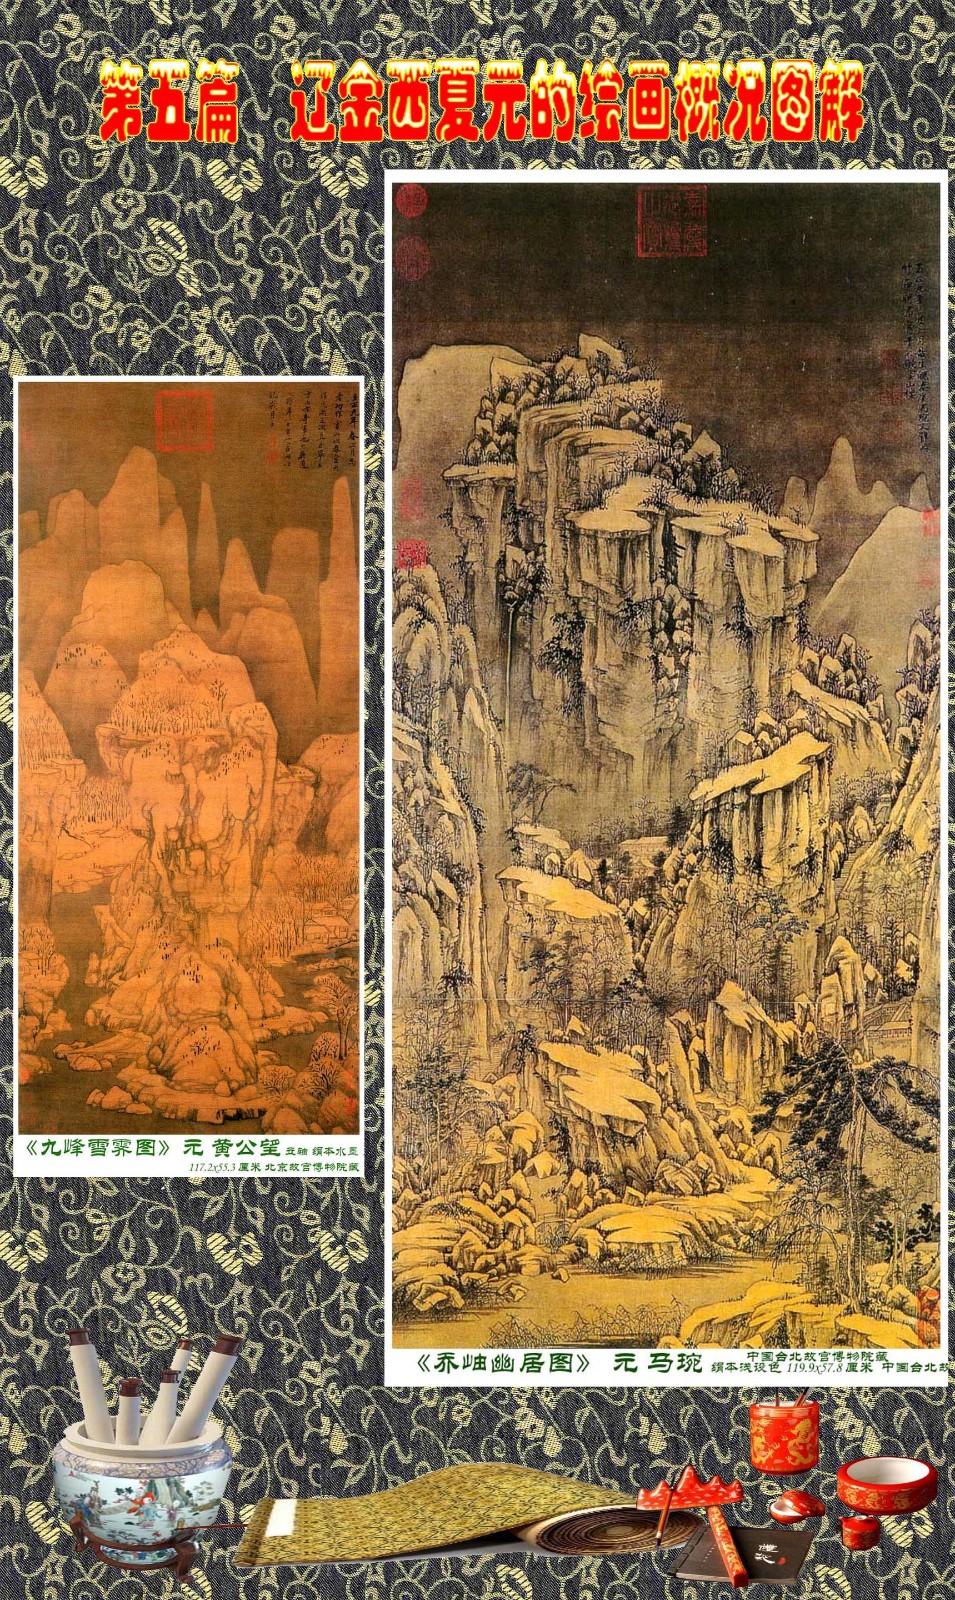 顾绍骅编辑 中国画知识普及版 第五篇 辽金西夏元的绘画概况 下 ... ..._图1-57